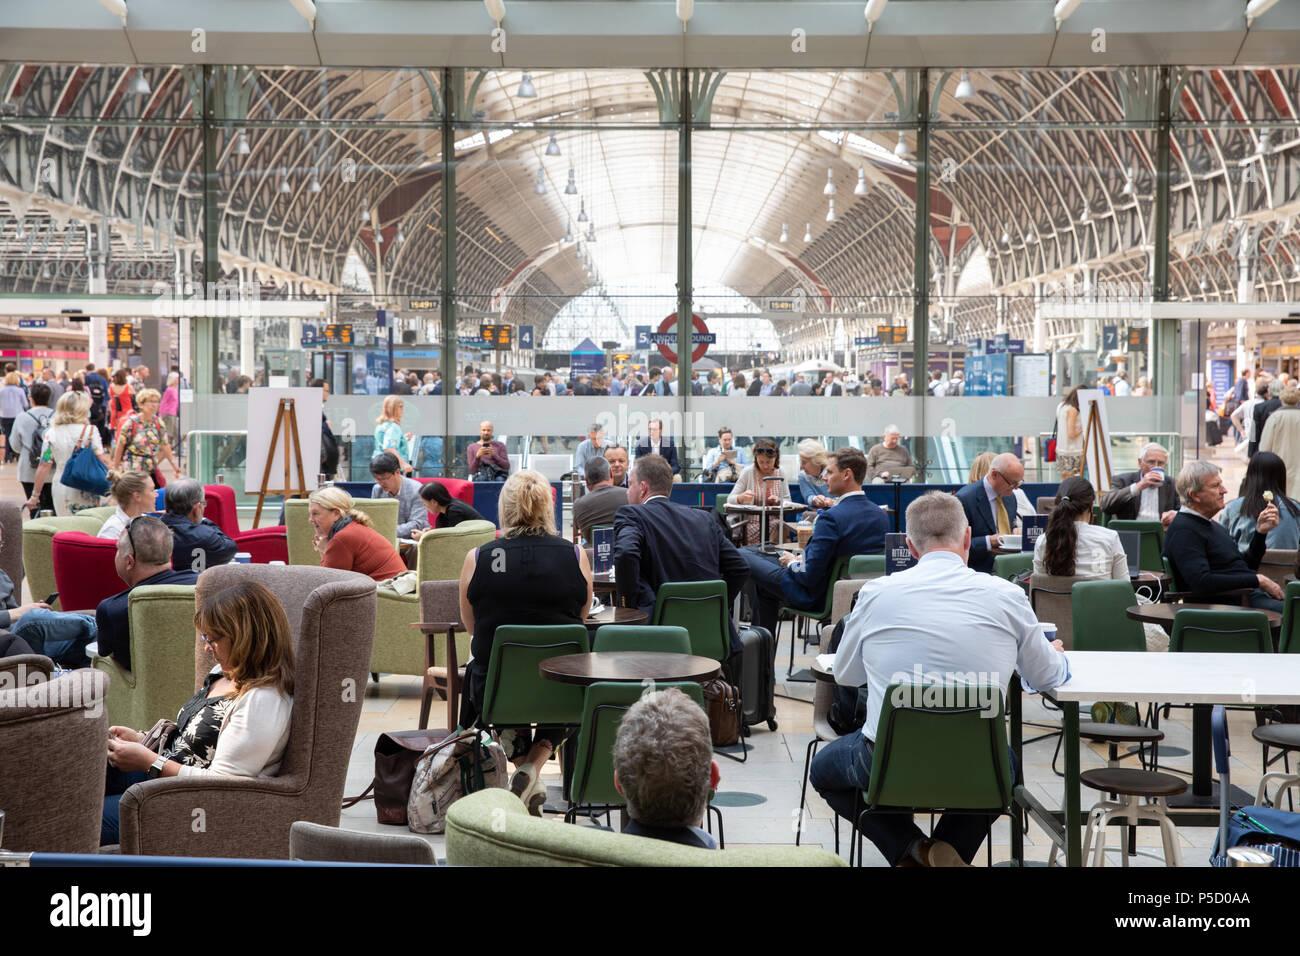 Caffe Ritazza nella stazione di Paddington a Londra. Immagini Stock